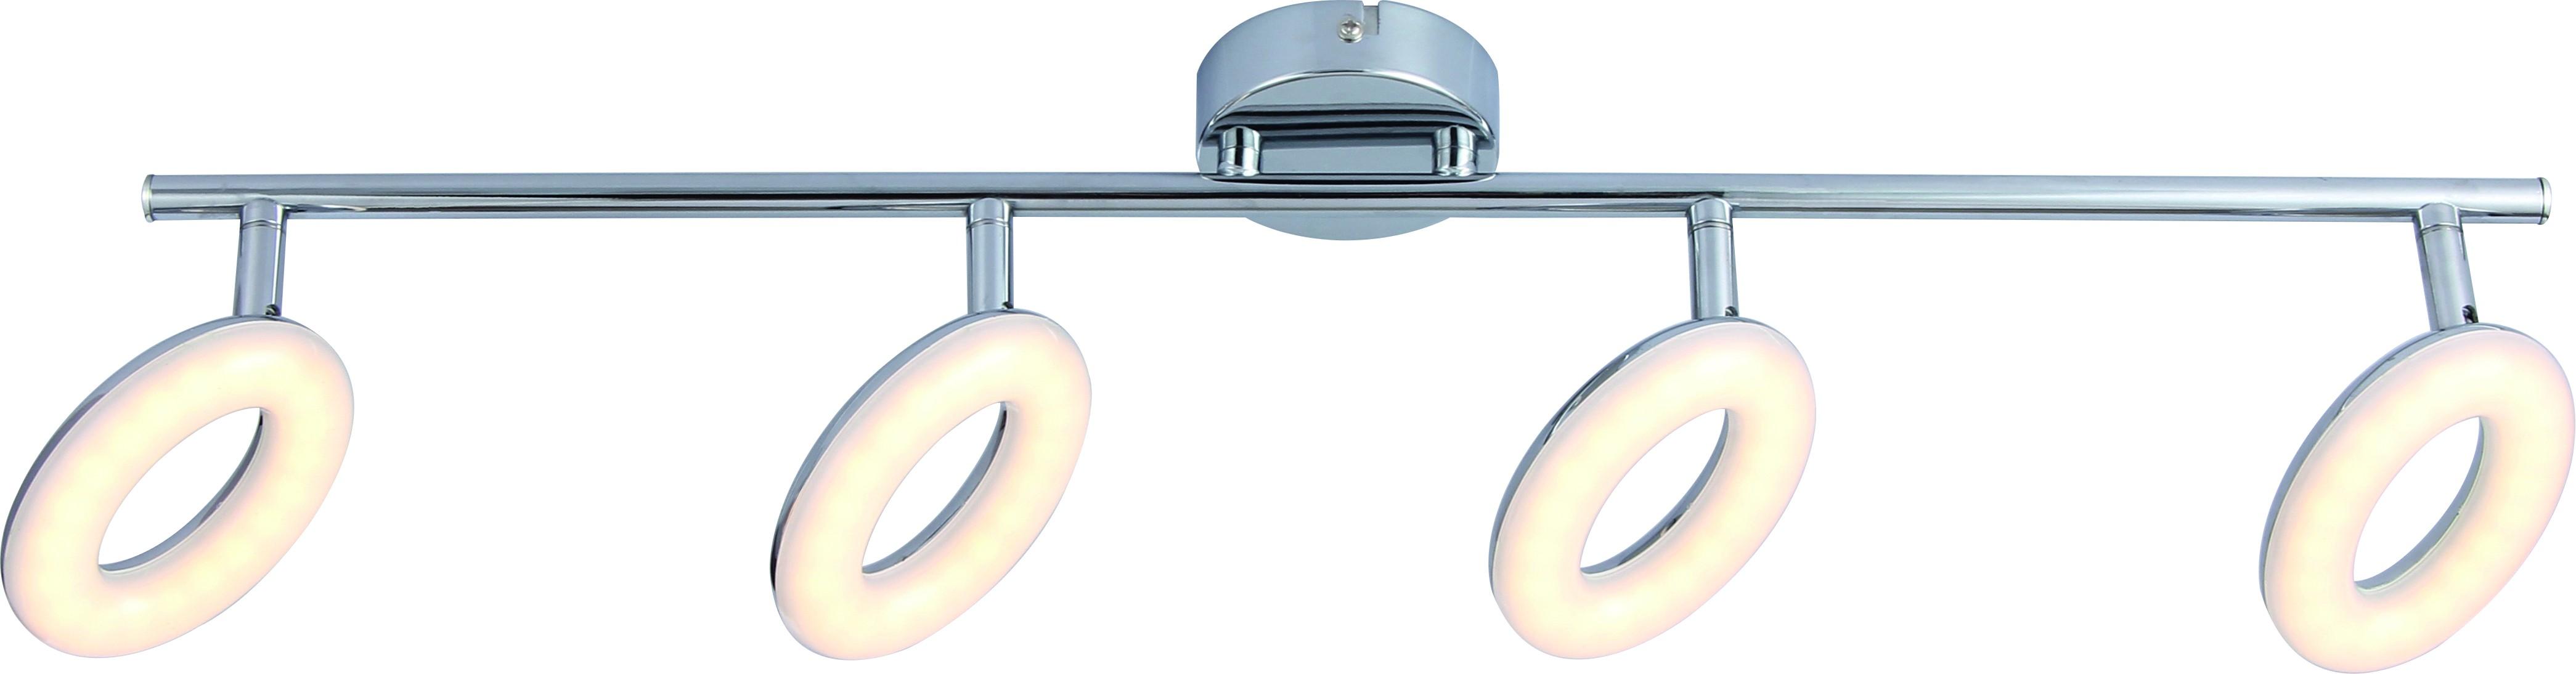 Спот Arte lamp A8972pl-4cc